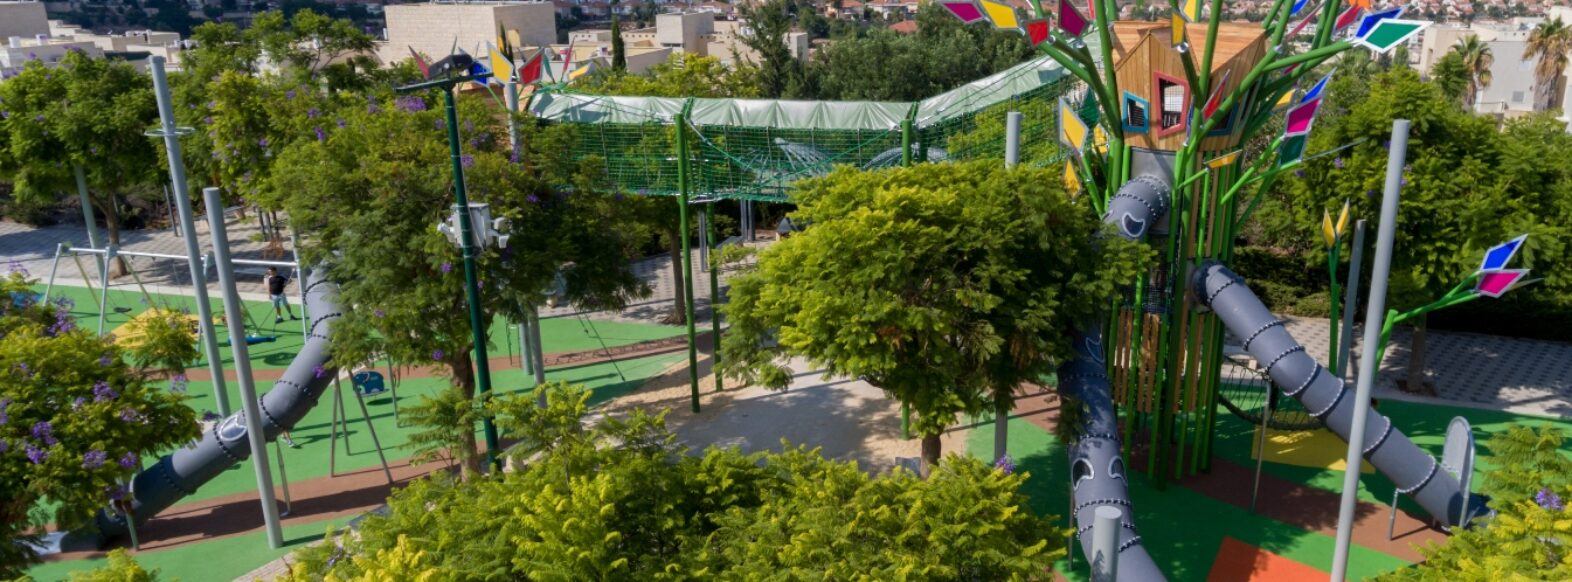 עיריית קרית אתא יוצאת למכרז להקמת 11 גני משחקים ציבוריים חדשים